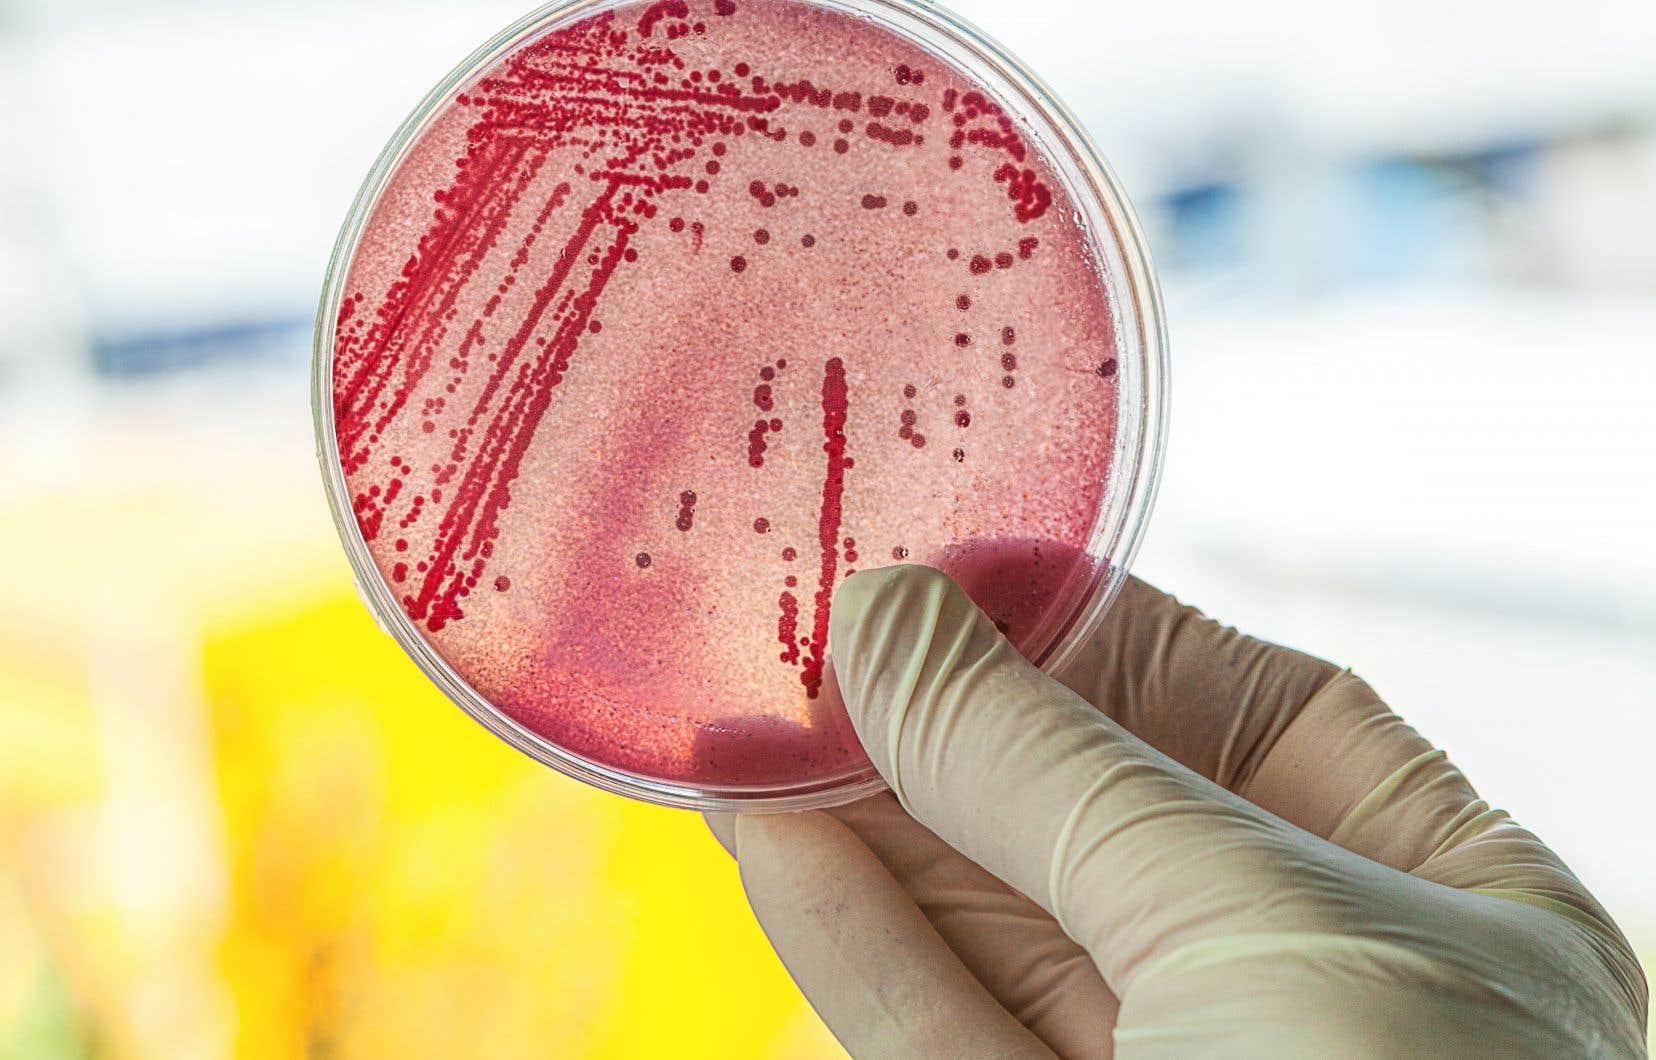 Les micro-organismes produisent des molécules à l'aide d'une série d'enzymes, que  le chercheur tente d'isoler afin d'en fabriquer synthétiquement pour remplacer  la chimie conventionnelle basée sur  le pétrole.